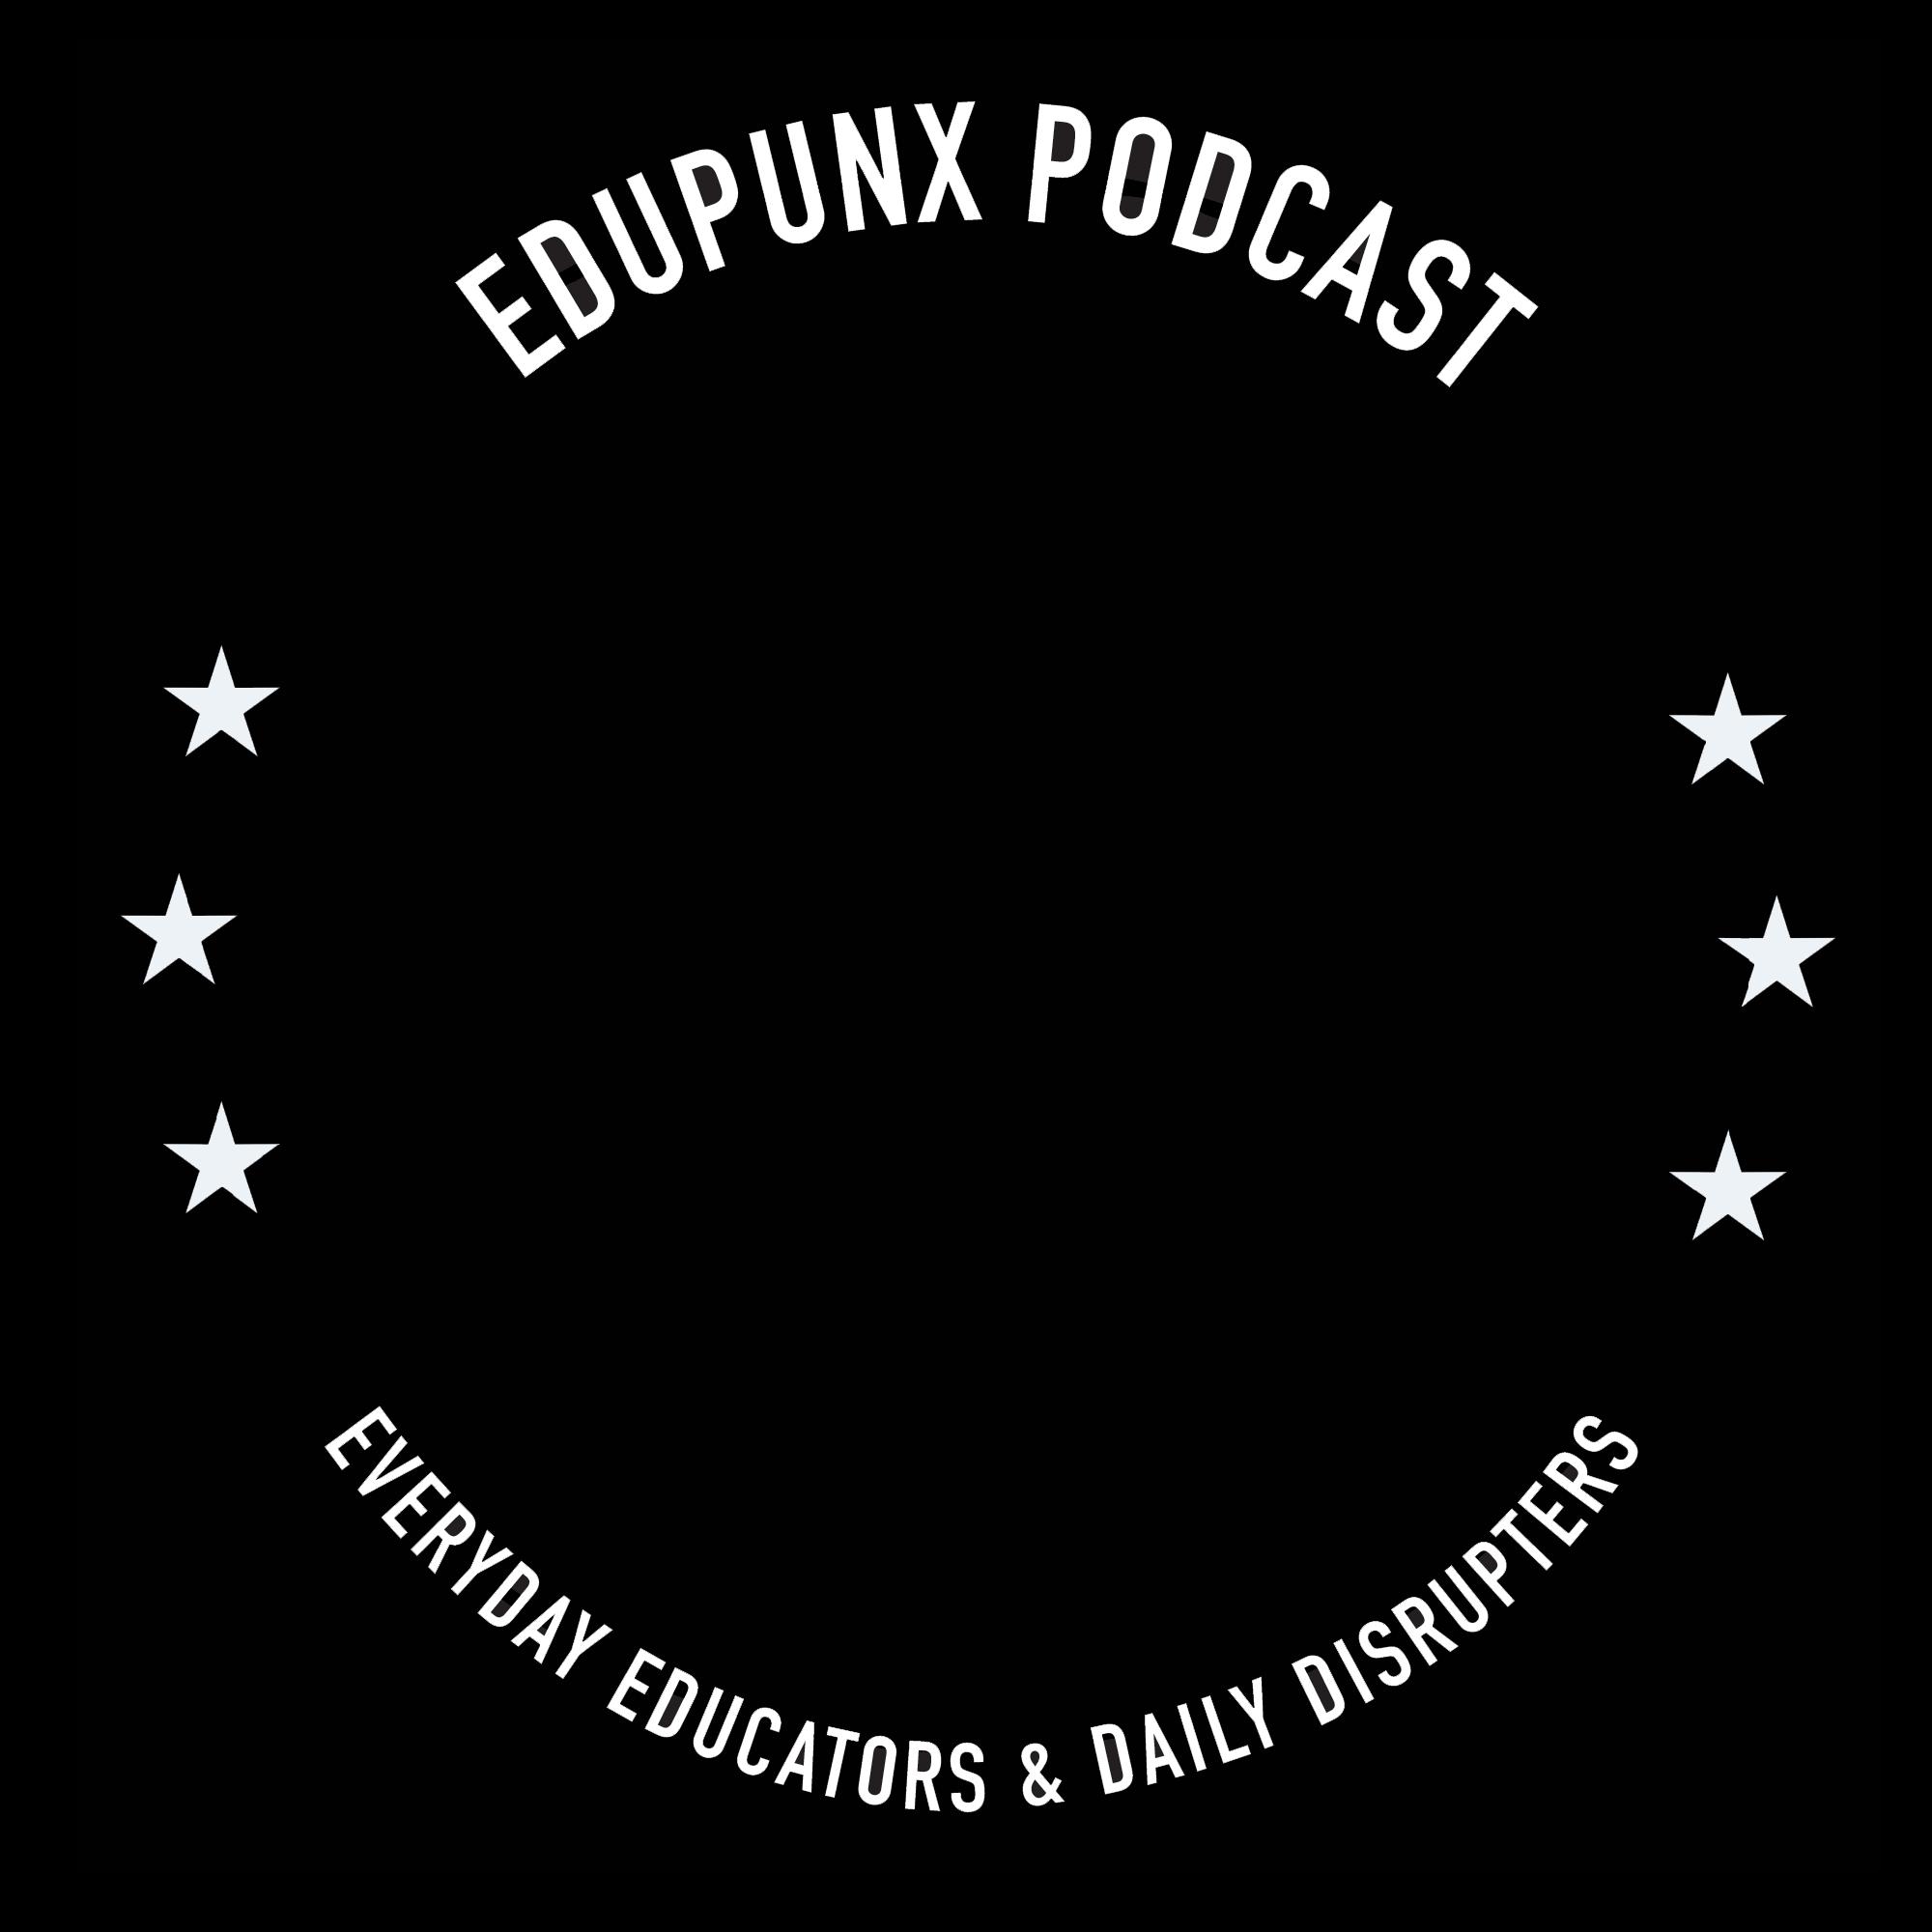 X: Craig updates y'allon his condition &the podcast future! -